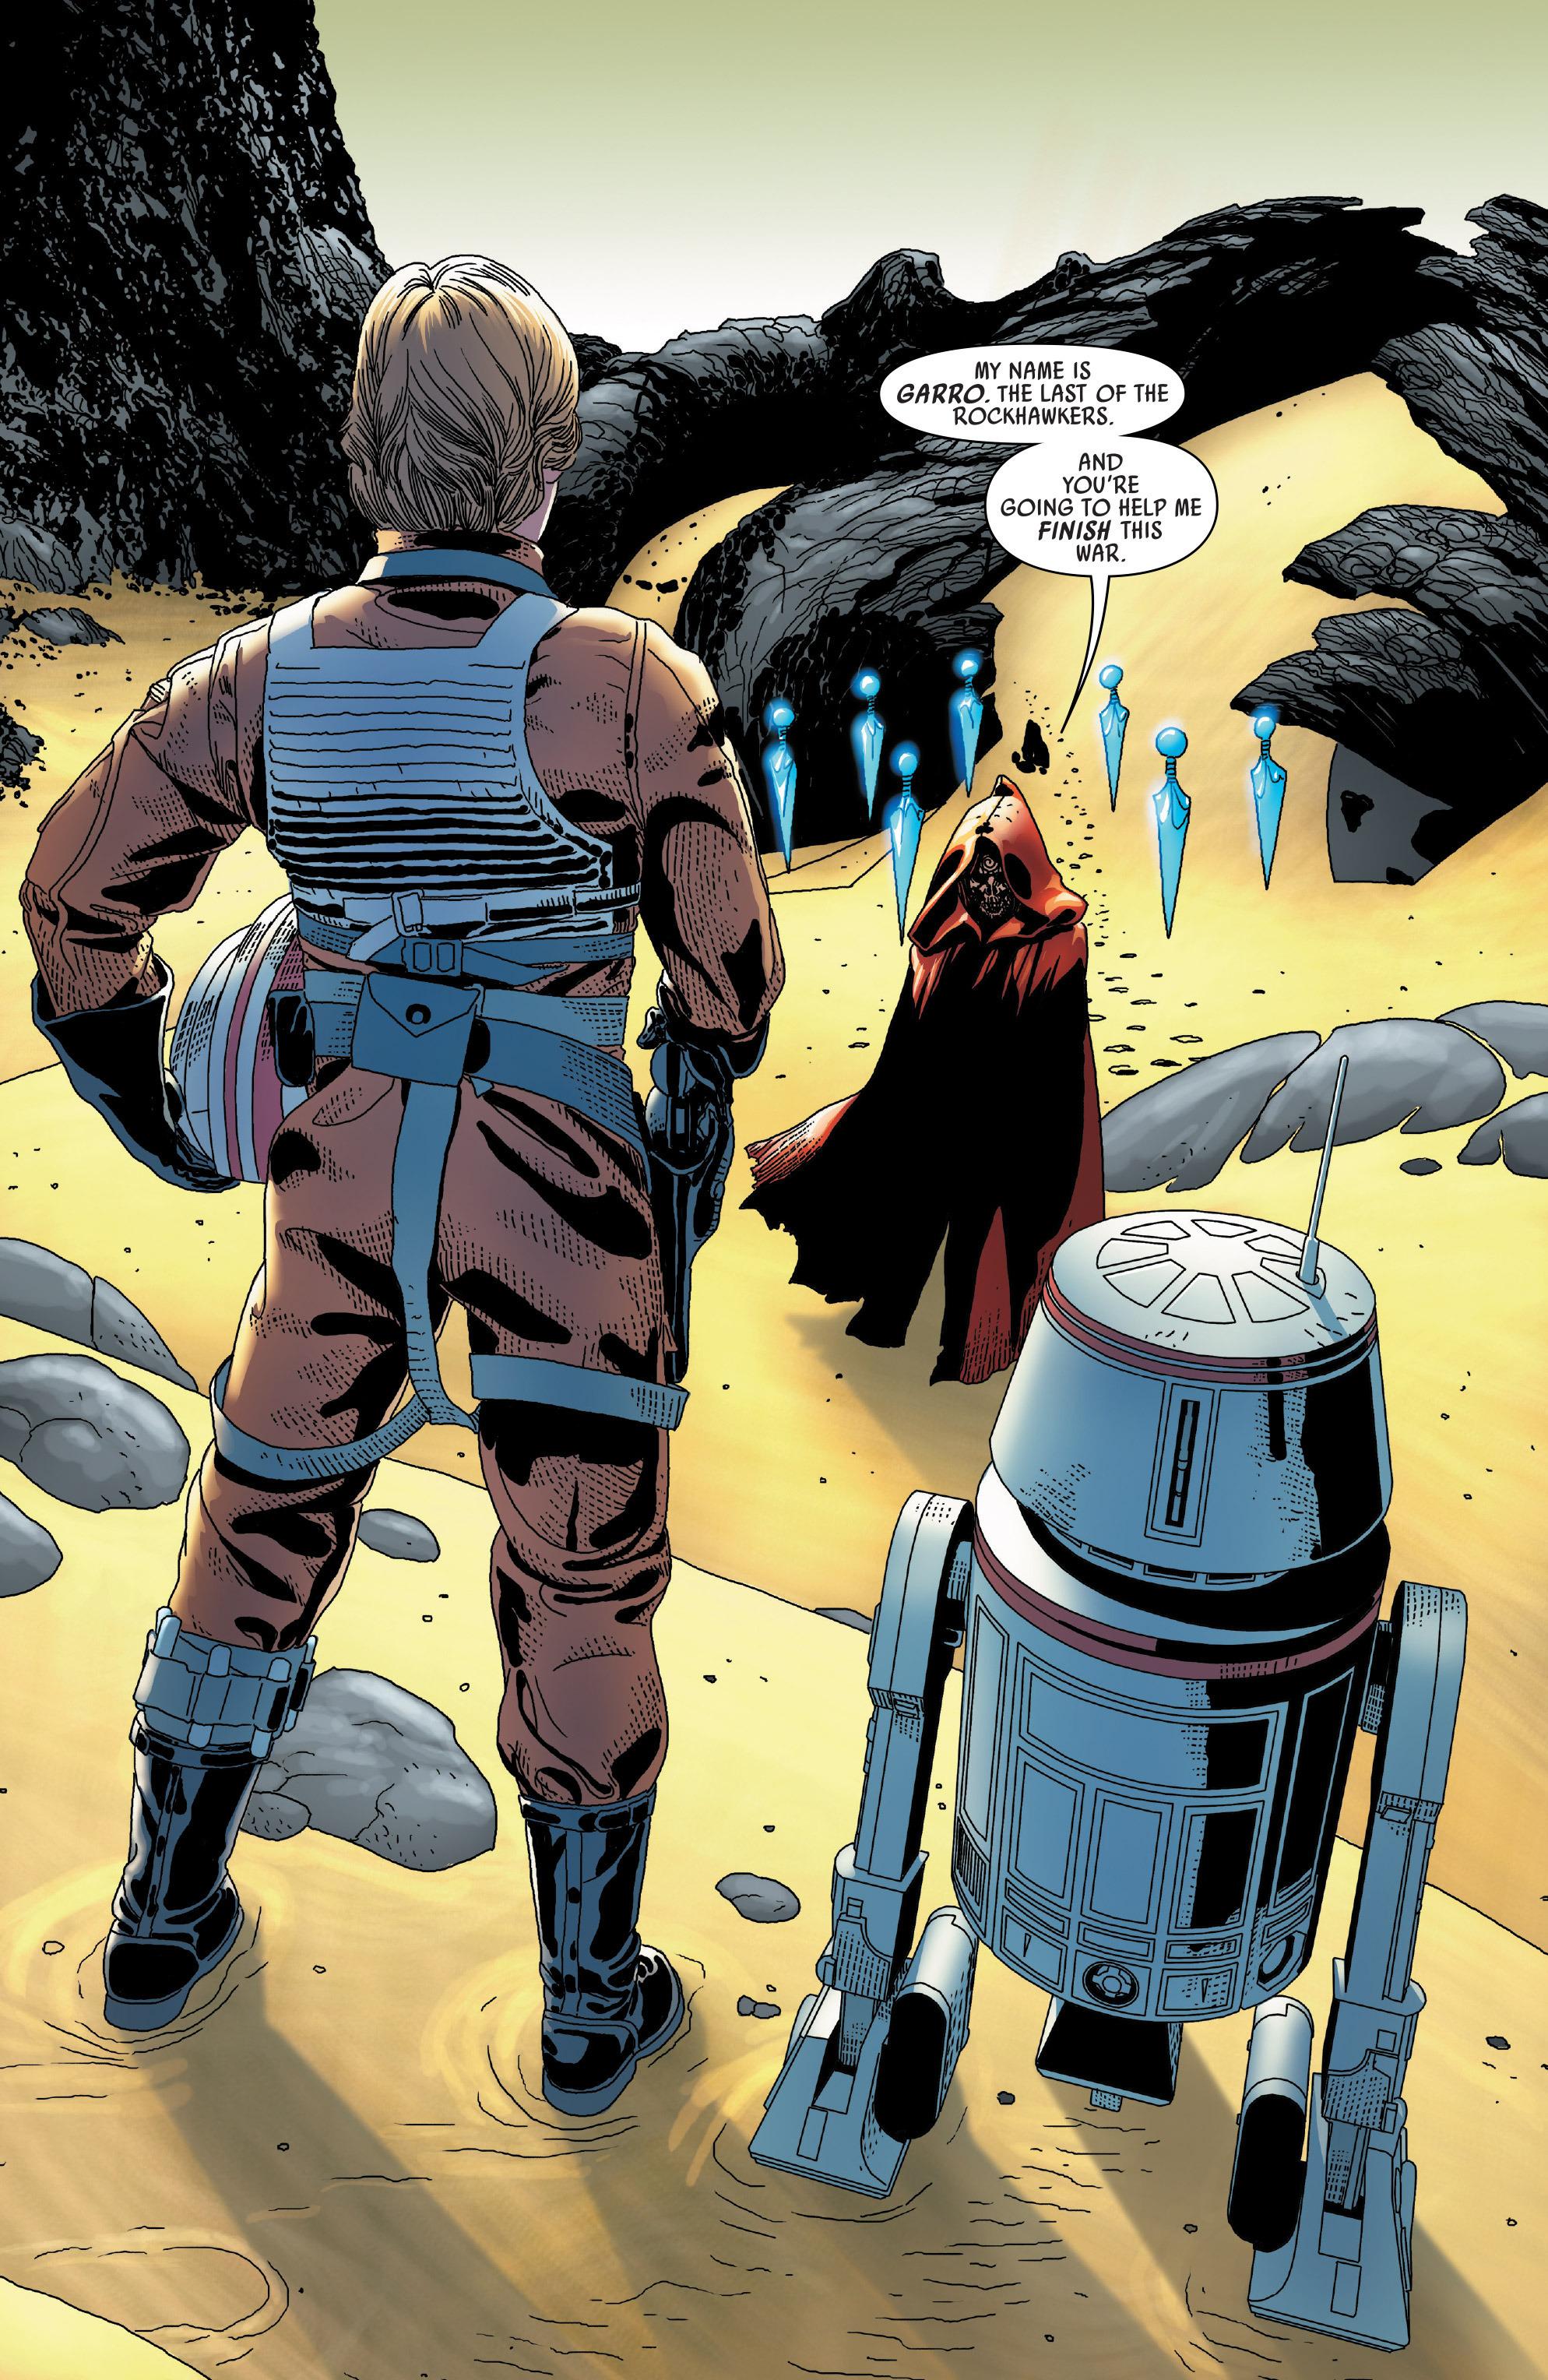 Mission to unidentified planet (Luke Skywalker)